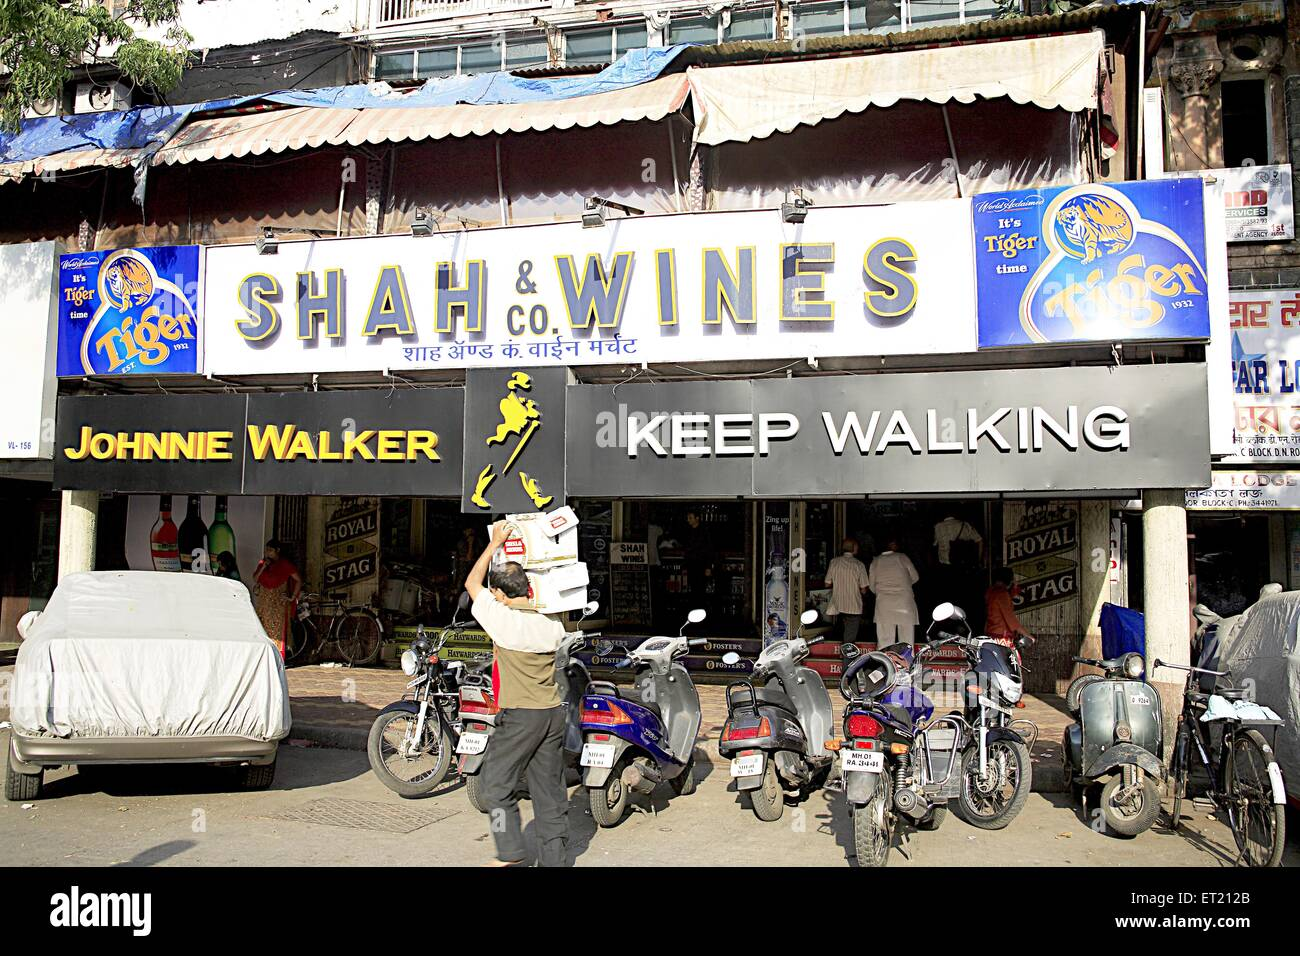 Shah and Company Wines Merchants shop ; Dr. Dadabhai Naoroji road ; Bombay Mumbai ; Maharashtra ; India - Stock Image